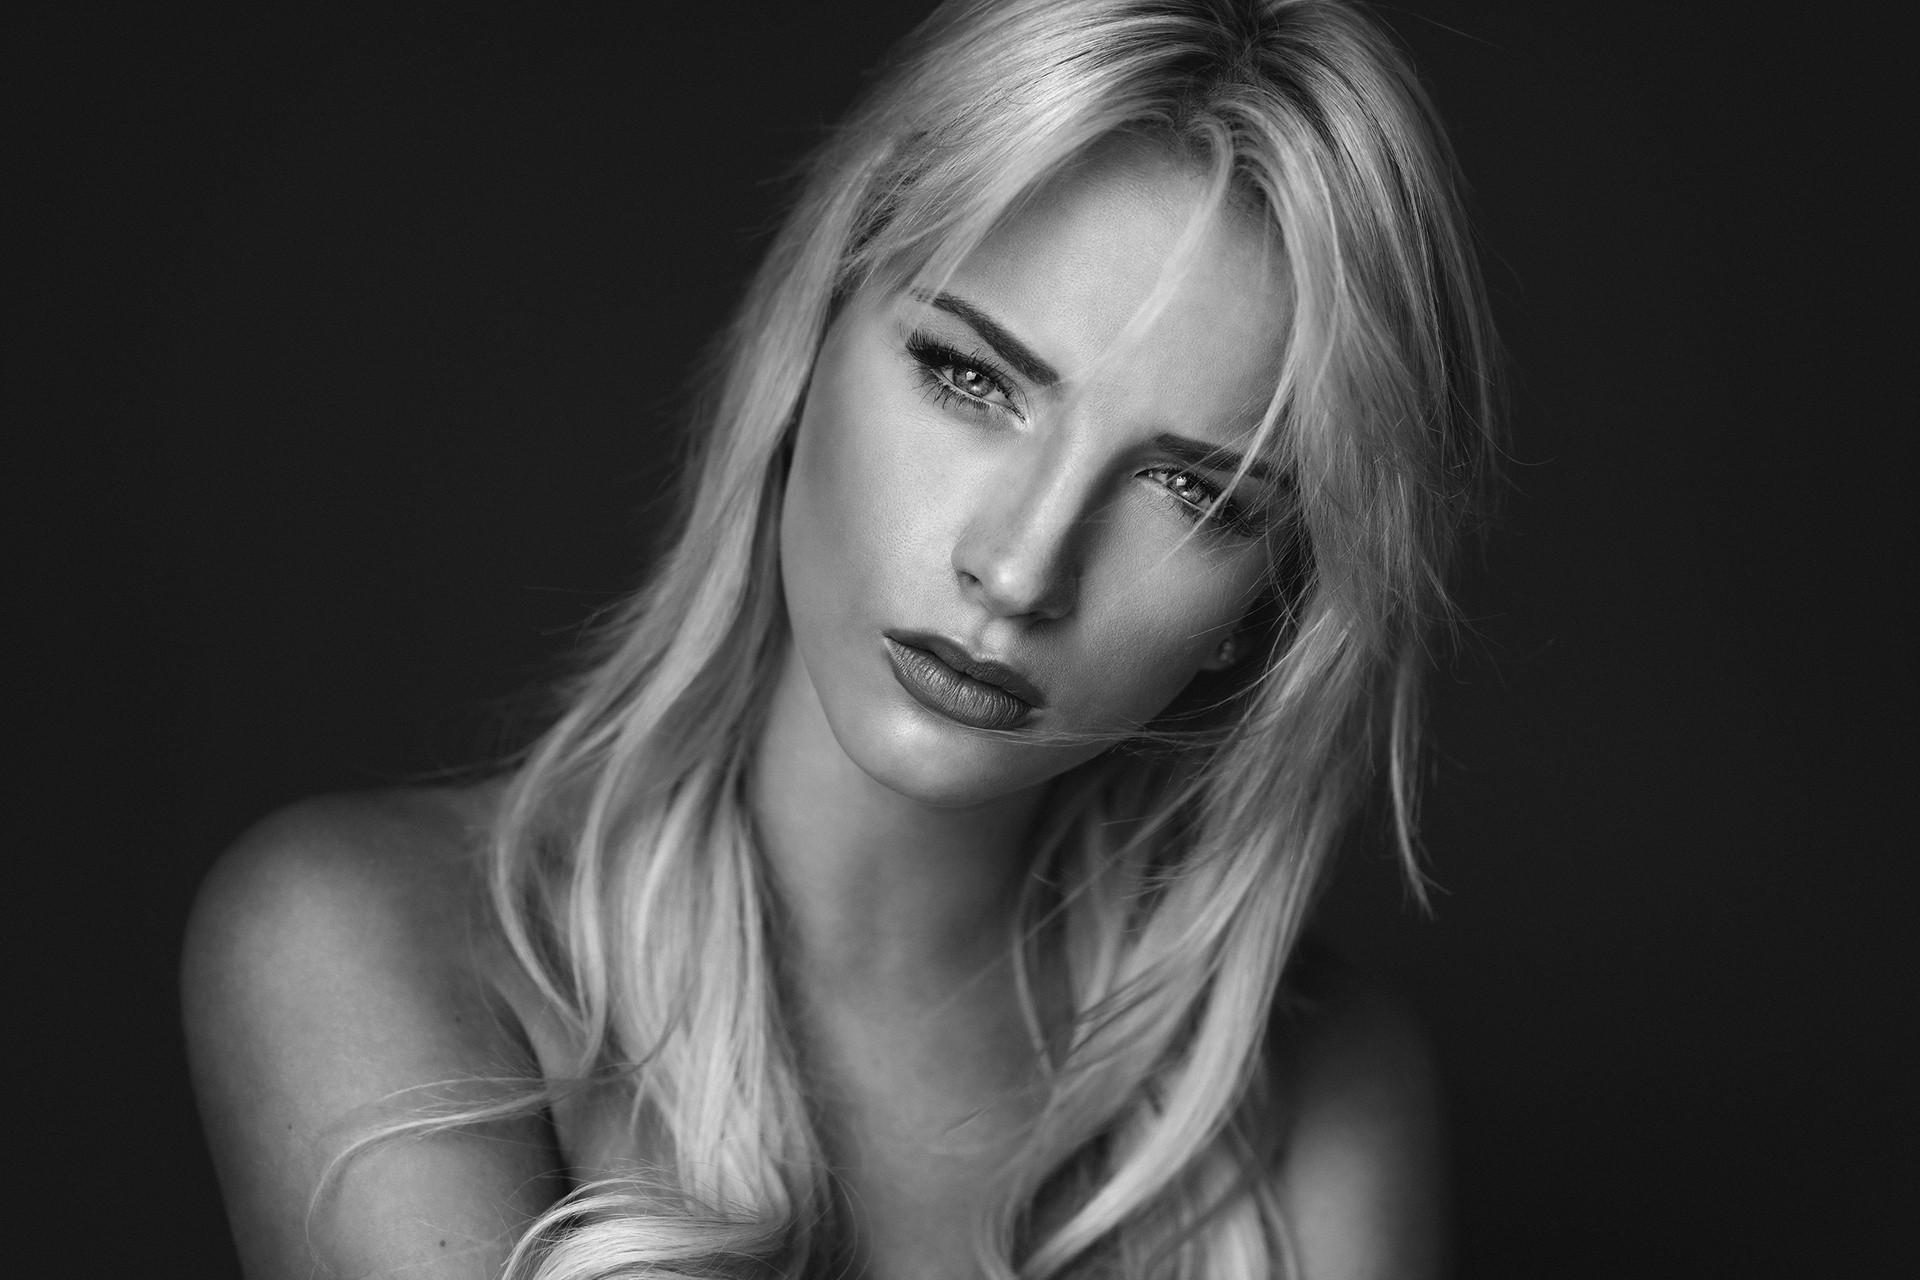 сиси английская модель блондинка вымещу эту